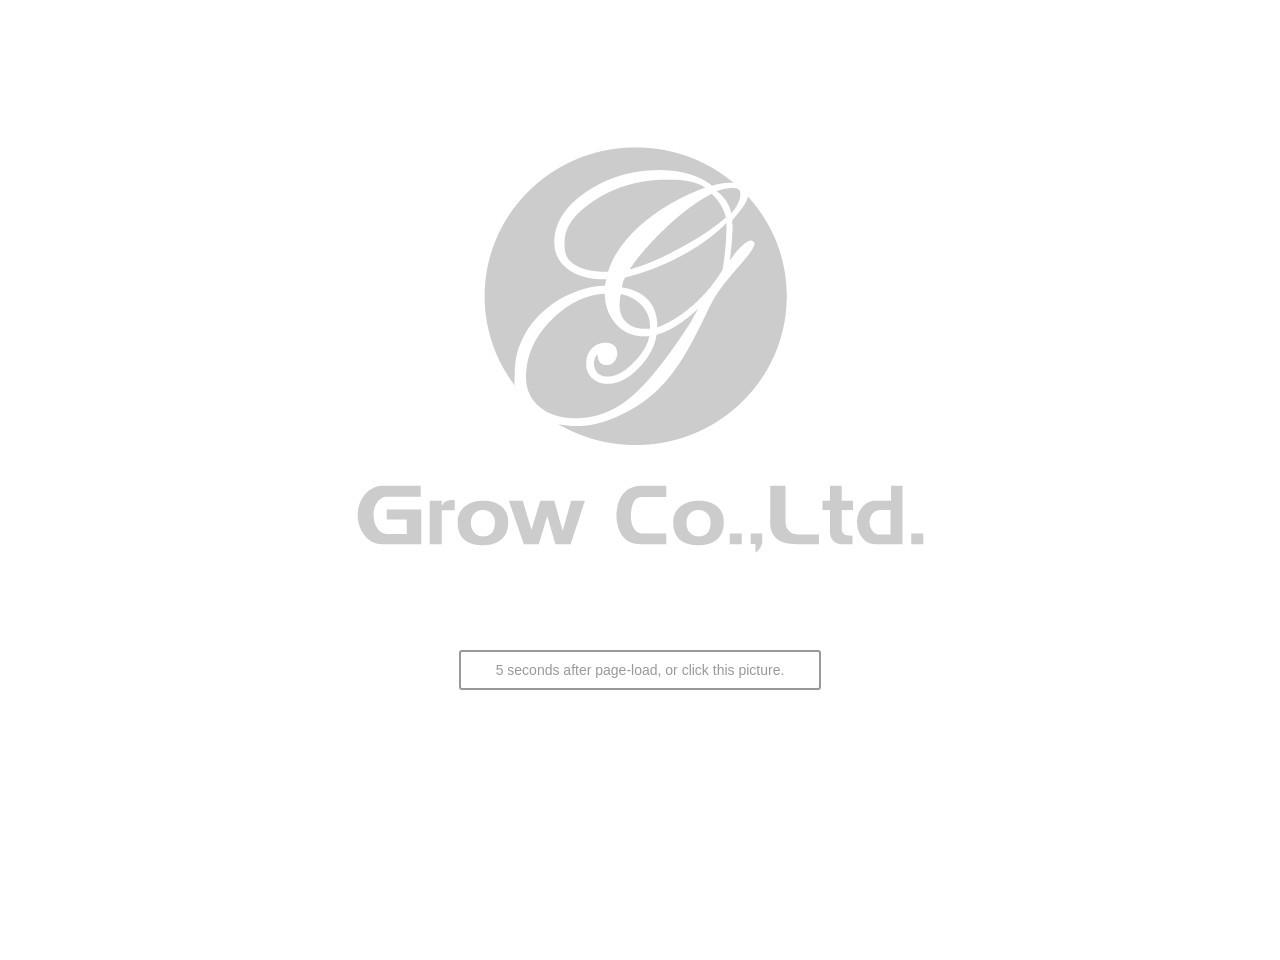 株式会社グロウ【ダーツ ビリヤード ゲームマシン カジノ用品のレンタル・リース・販売】